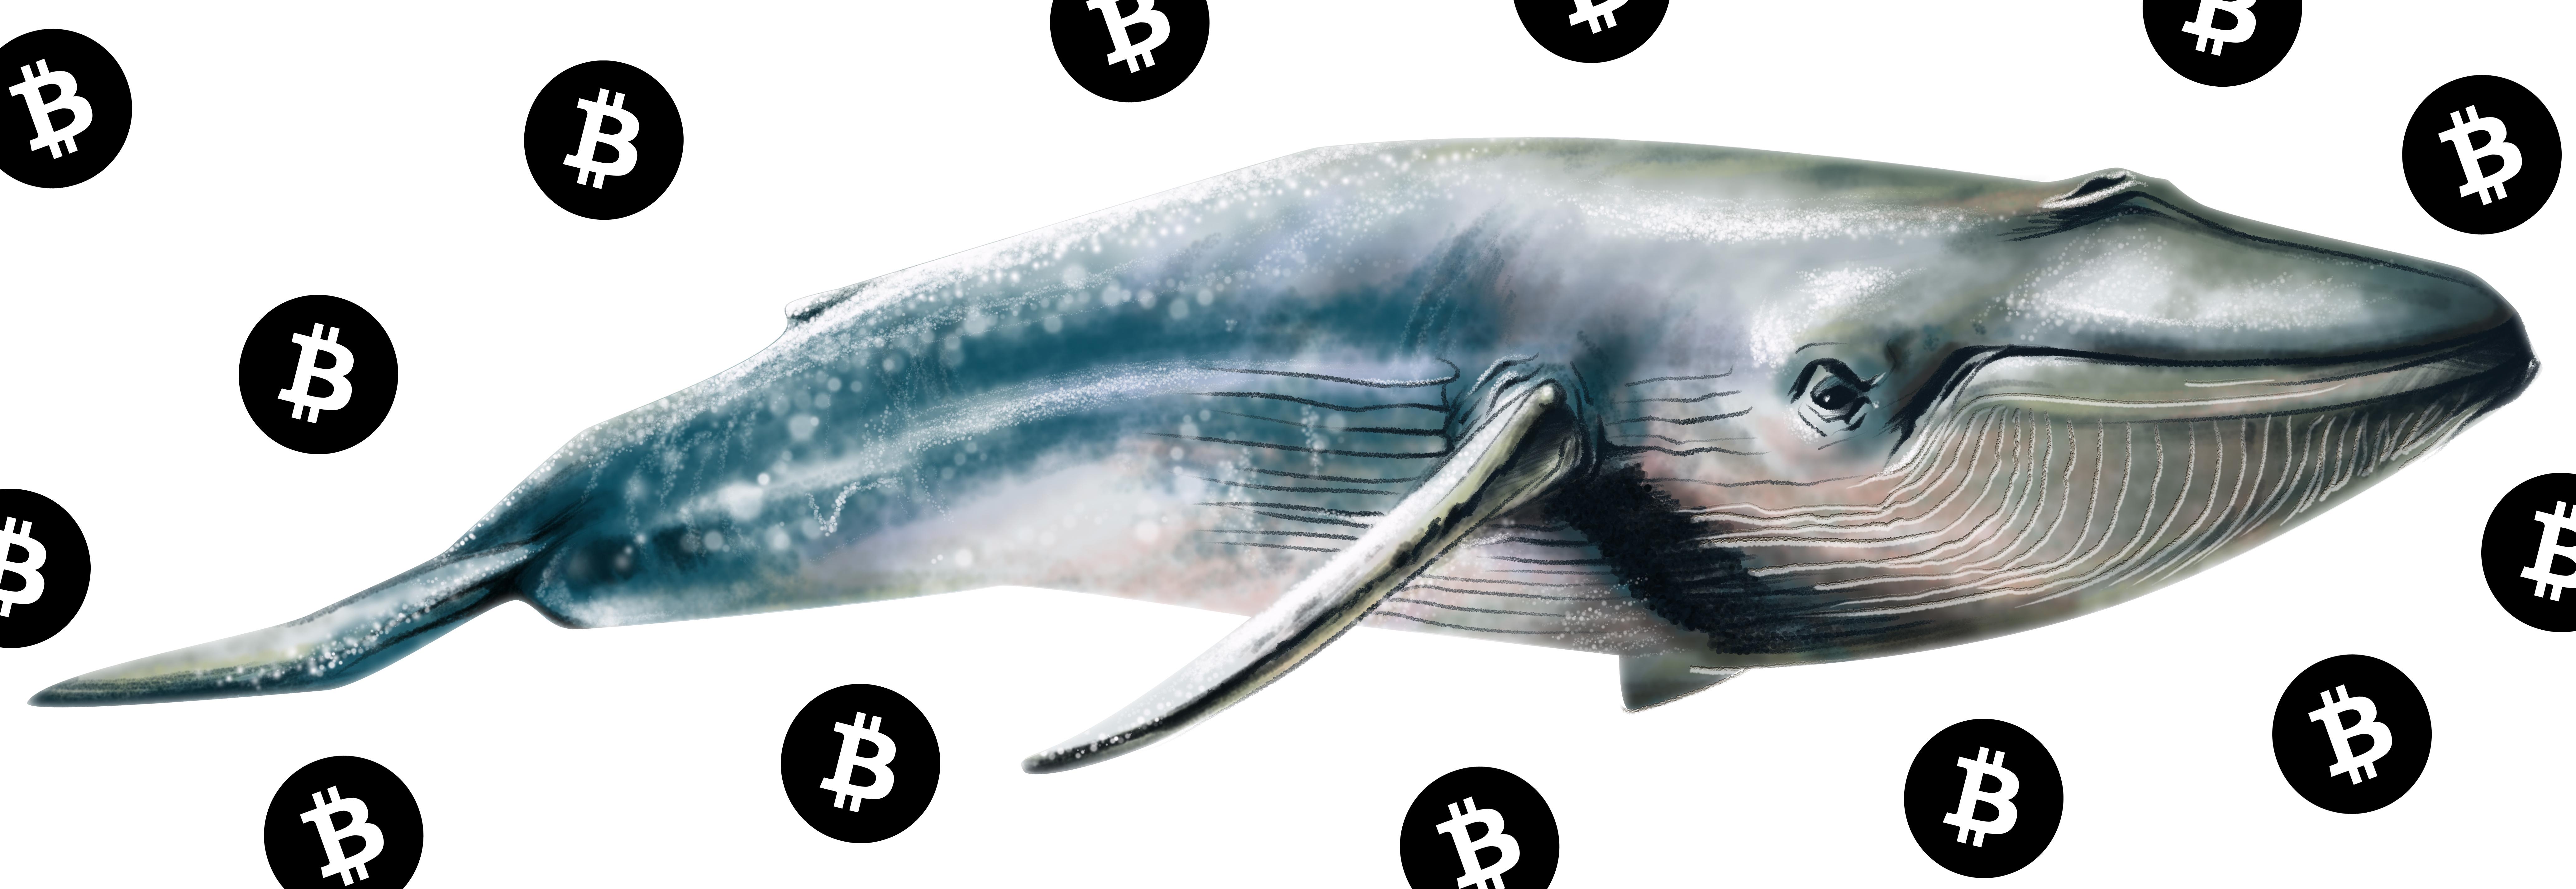 以前は活動していなかったクジラたちは大量のBTCを移動しています